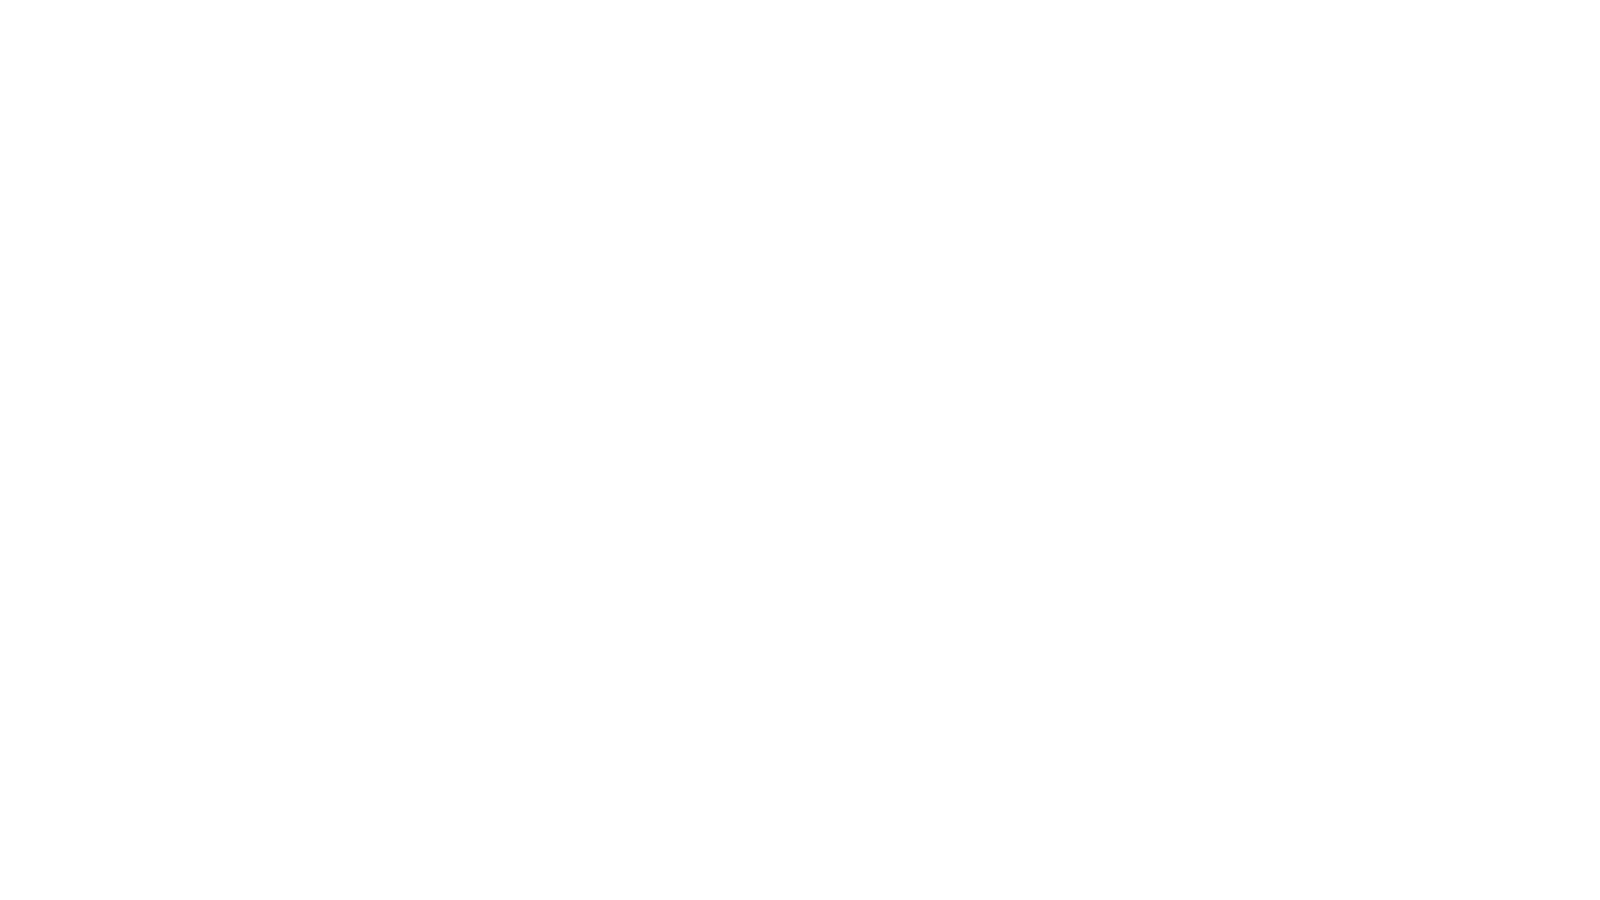 In vista di nuove avventure pazzesche alle porte è doveroso modificare la mia bicicletta per renderla ancora più performante ed affidabile. In questo video monto dei freni Avid BB7_MNT S rigorosamente meccanici, con disco da 200mm all'anteriore e 180mm al posteriore. Potrebbe sembrare una scelta bizzarra, non si vedono in giro bici gravel con freni meccanici di queste dimensioni. Nel video spiego le ragioni di questa mia scelta. A tre mesi dall'incidente che ho avuto in parete mentre arrampicavo, sto finalmente ritornando alla vita di prima. Le placche e le viti in titanio dentro la mia caviglia stanno facendo il loro lavoro e timidamente pedalo. In questo periodo davvero difficile, appena la disperazione ha mostrato il fianco alla speranza e l'indole d'avventura si è lasciata stuzzicare dall'ego, la mia fantasia ha disegnato rotte non convenzionali in luoghi sconosciuti. Sarà per riscatto o per riaffermazione ma è giunto di nuovo il tempo di viaggiare per davvero.